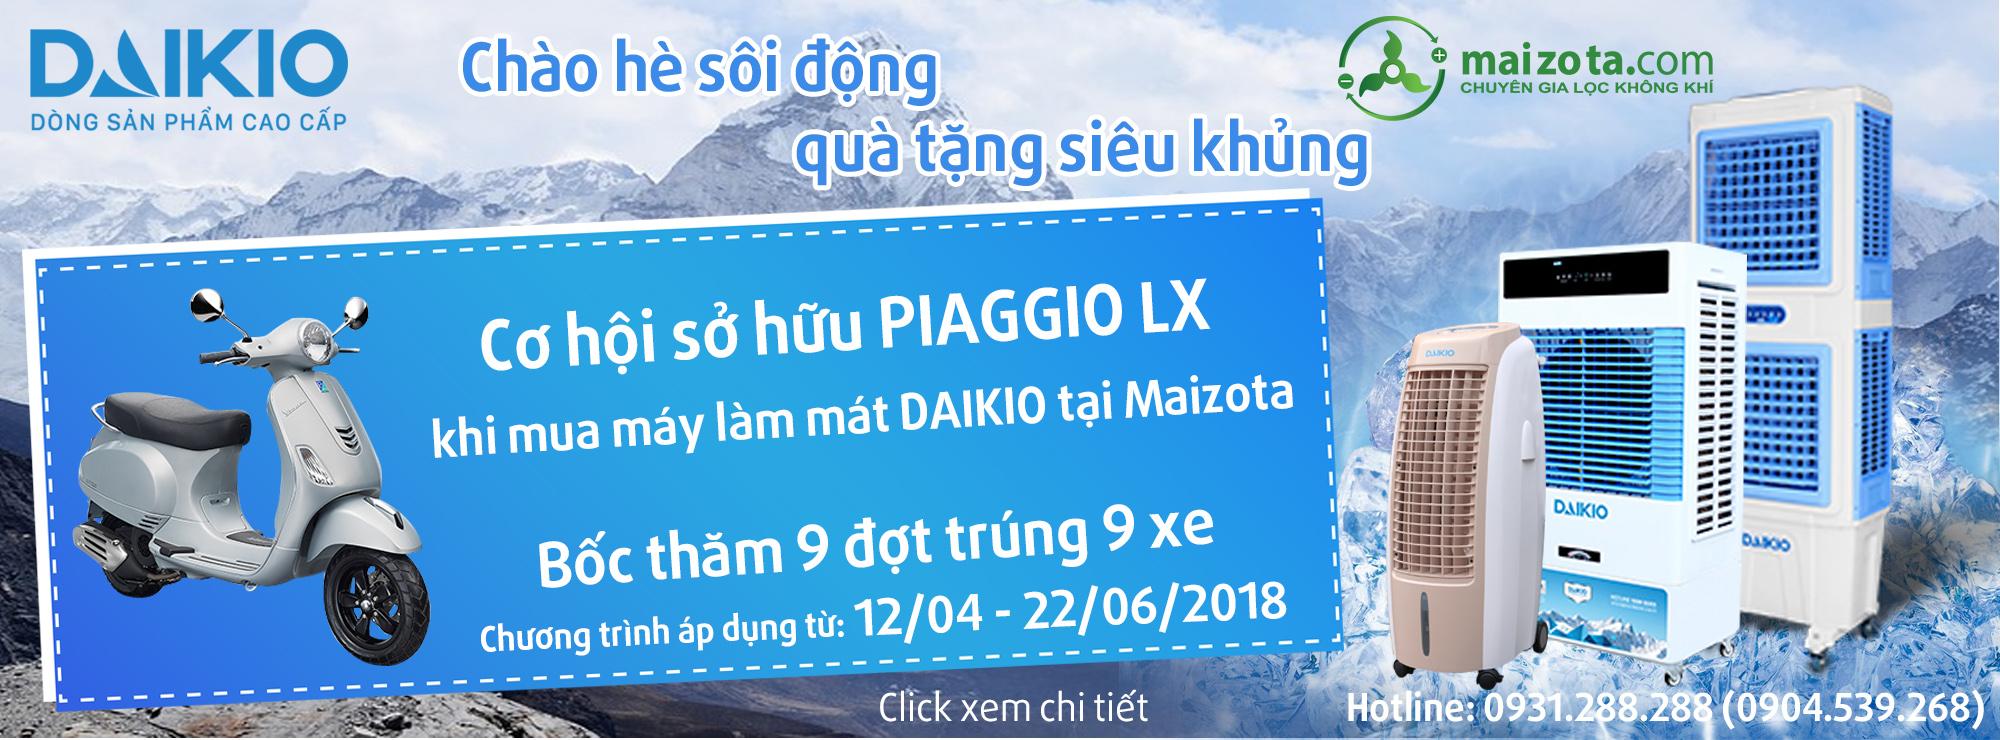 so-huu-xe-may-piaggio-vespa-lx-khi-may-may-lam-mat-daikio-tai-maizota